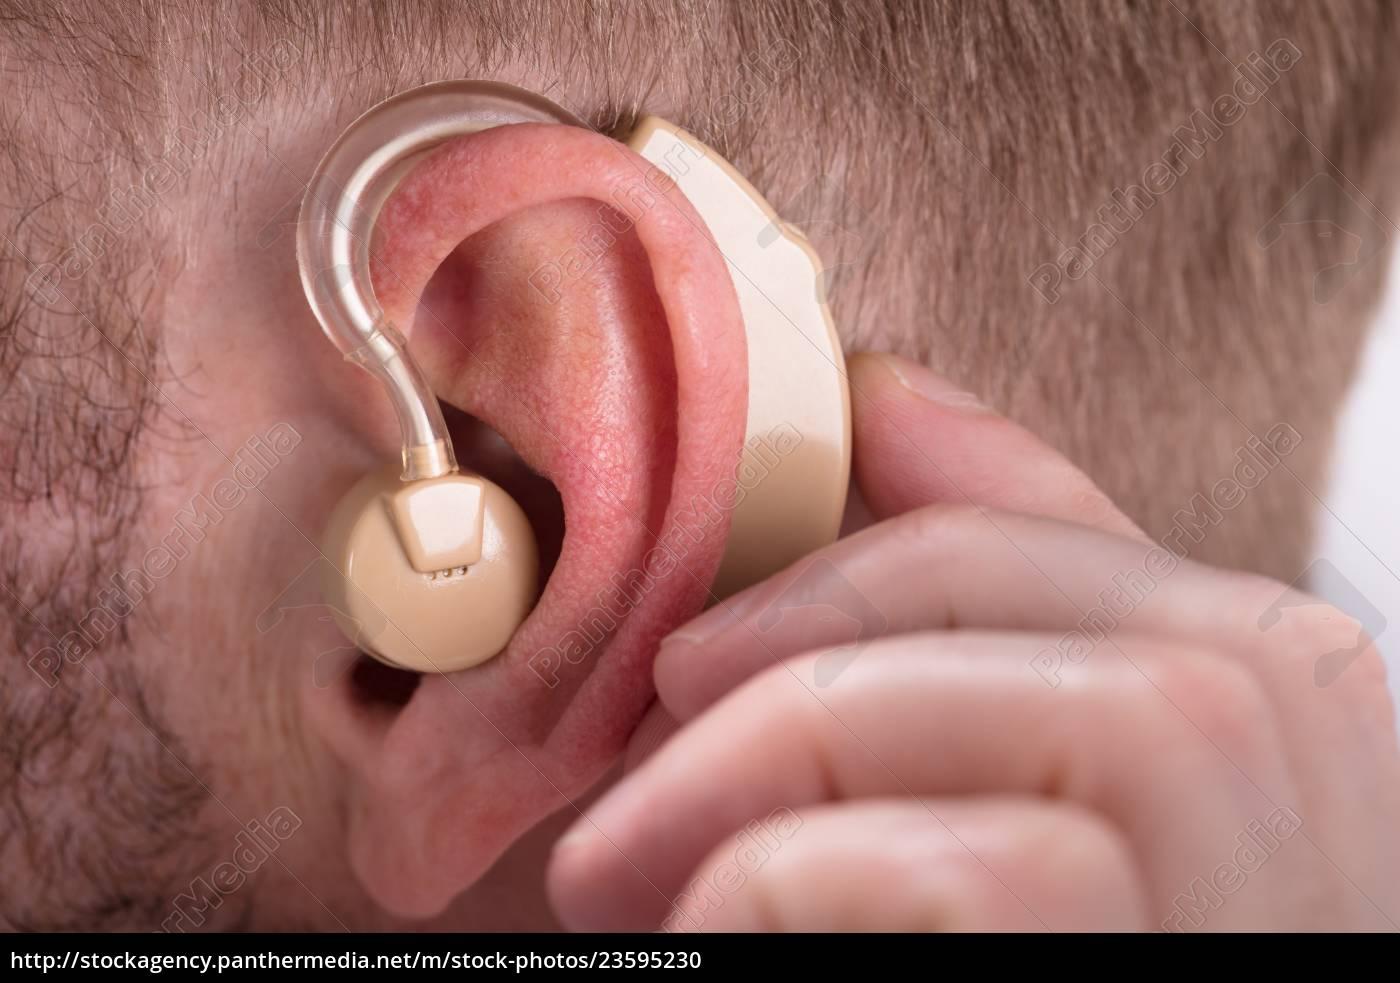 mężczyzna, noszący, aparat, słuchowy - 23595230